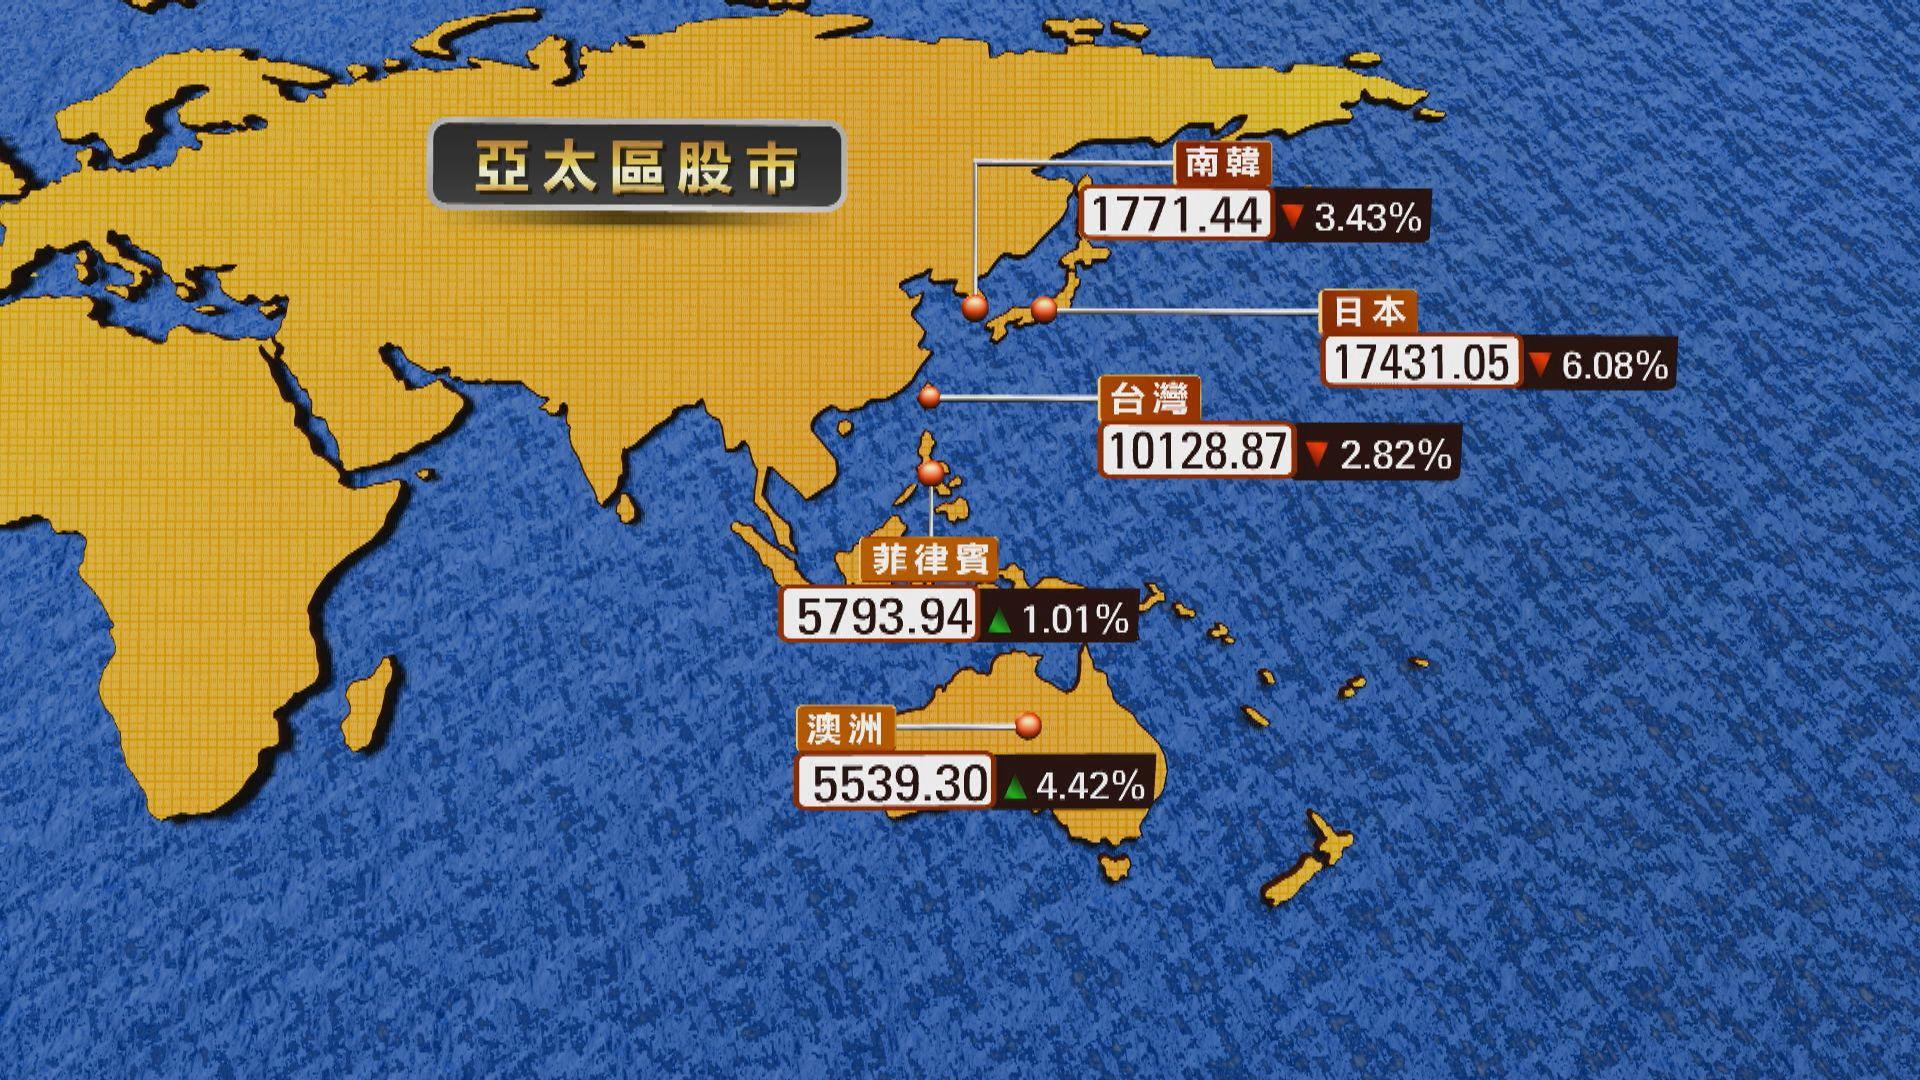 【環球跌市】亞太區多國股市 早段曾跌停